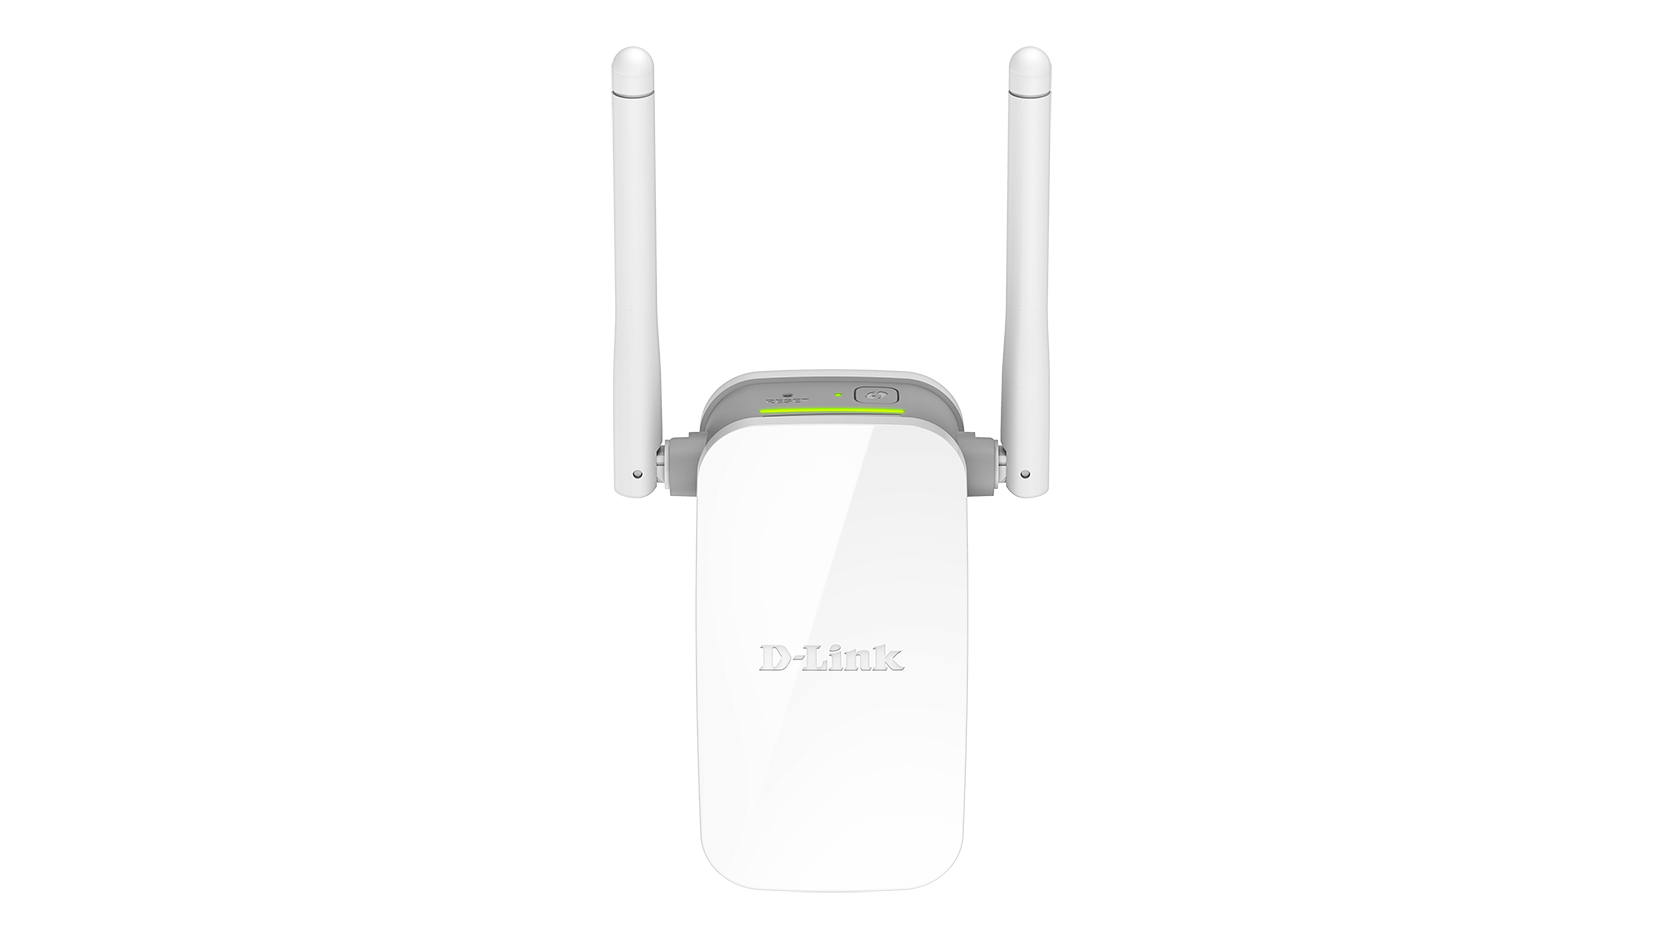 DAP-1325 N300 Wi-Fi Range Extender